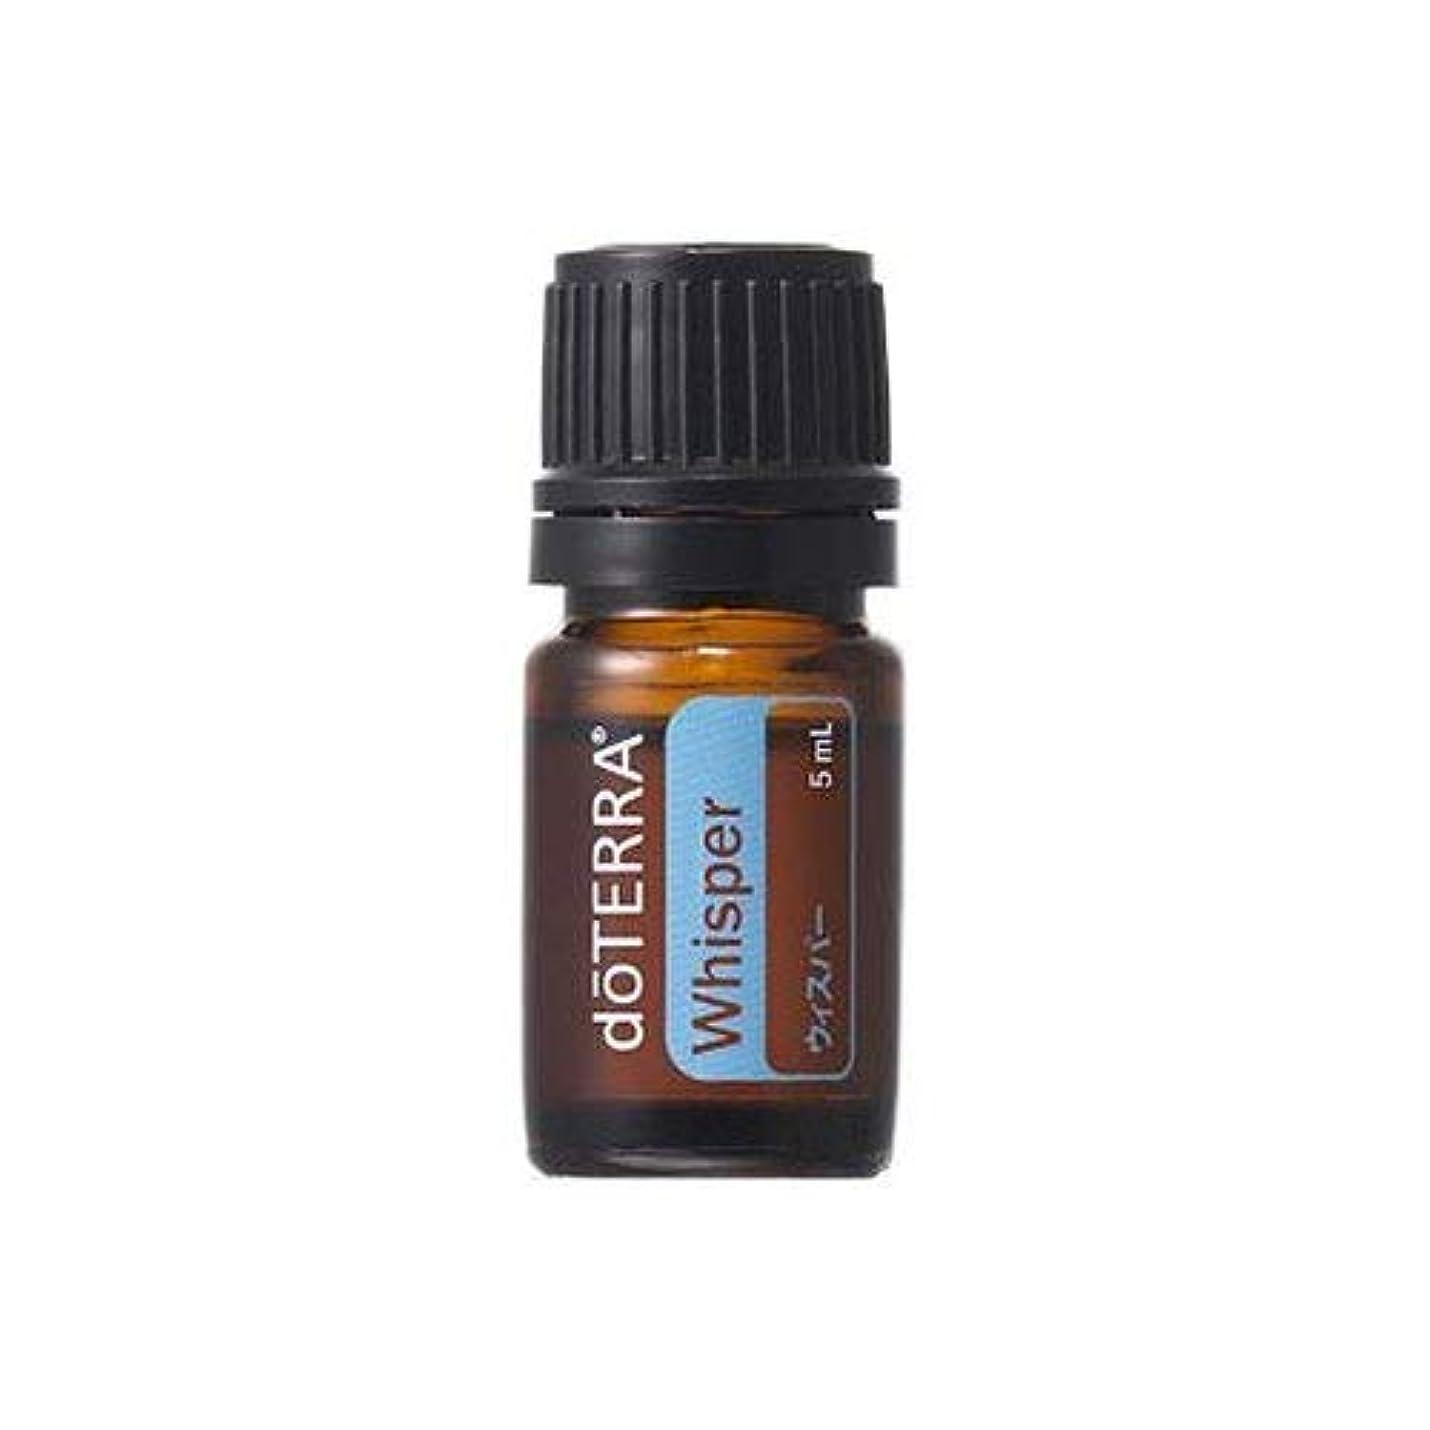 解決する非互換悪夢doTERRA ドテラ ウィスパー 5 ml ブレンドオイル エッセンシャルオイル 精油 リラックス